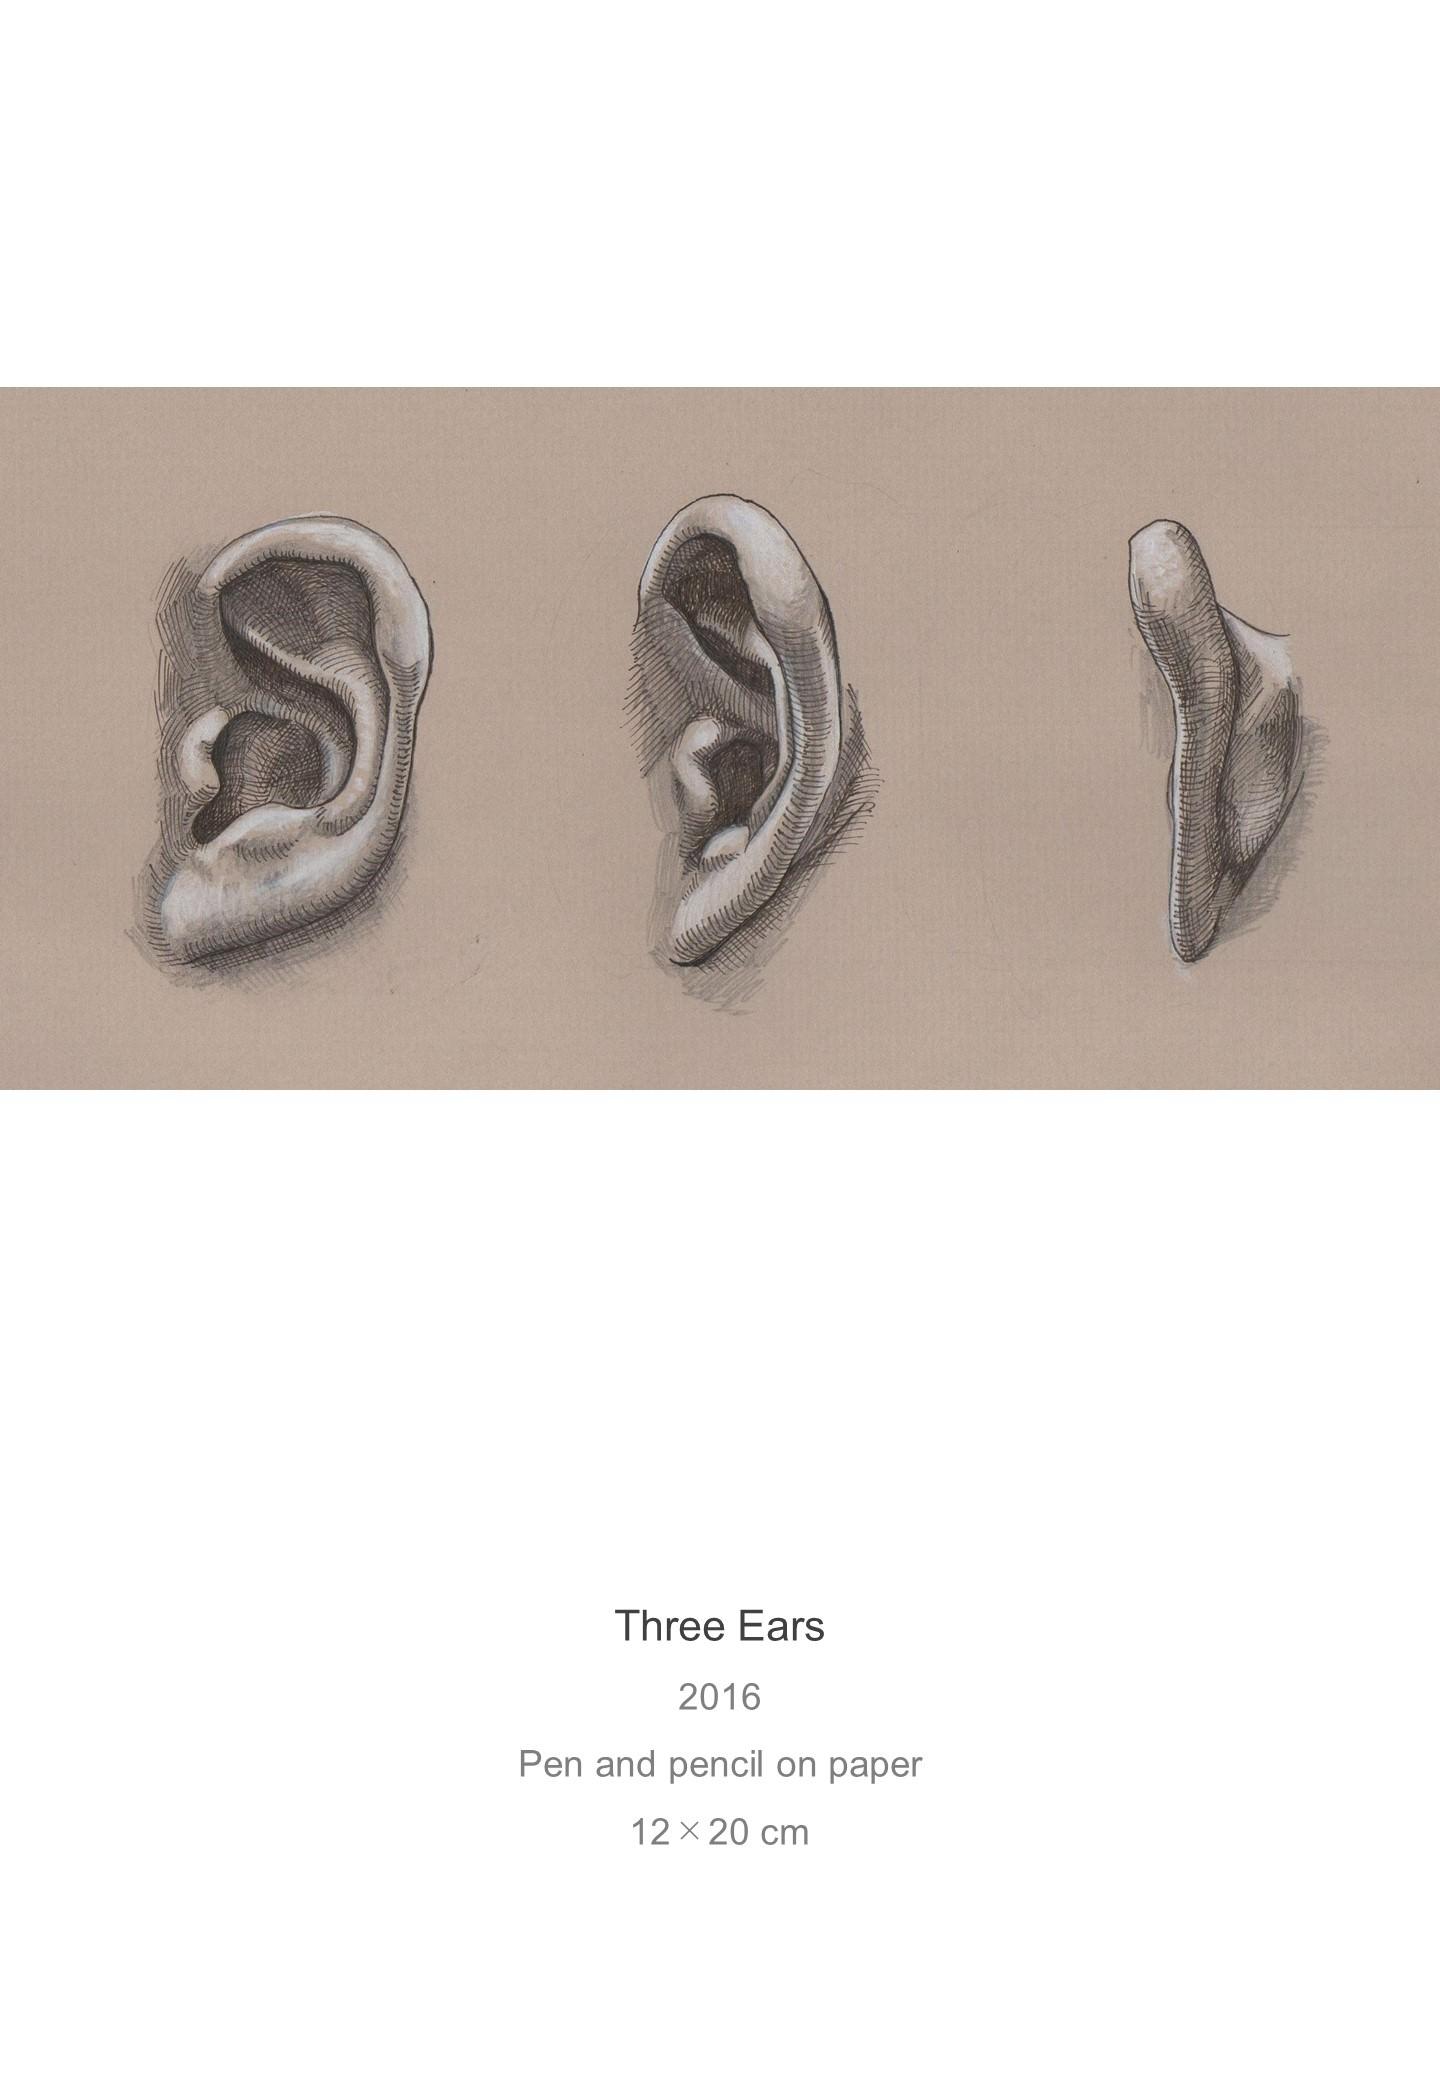 Shota Imai's Artwork of Three Ears